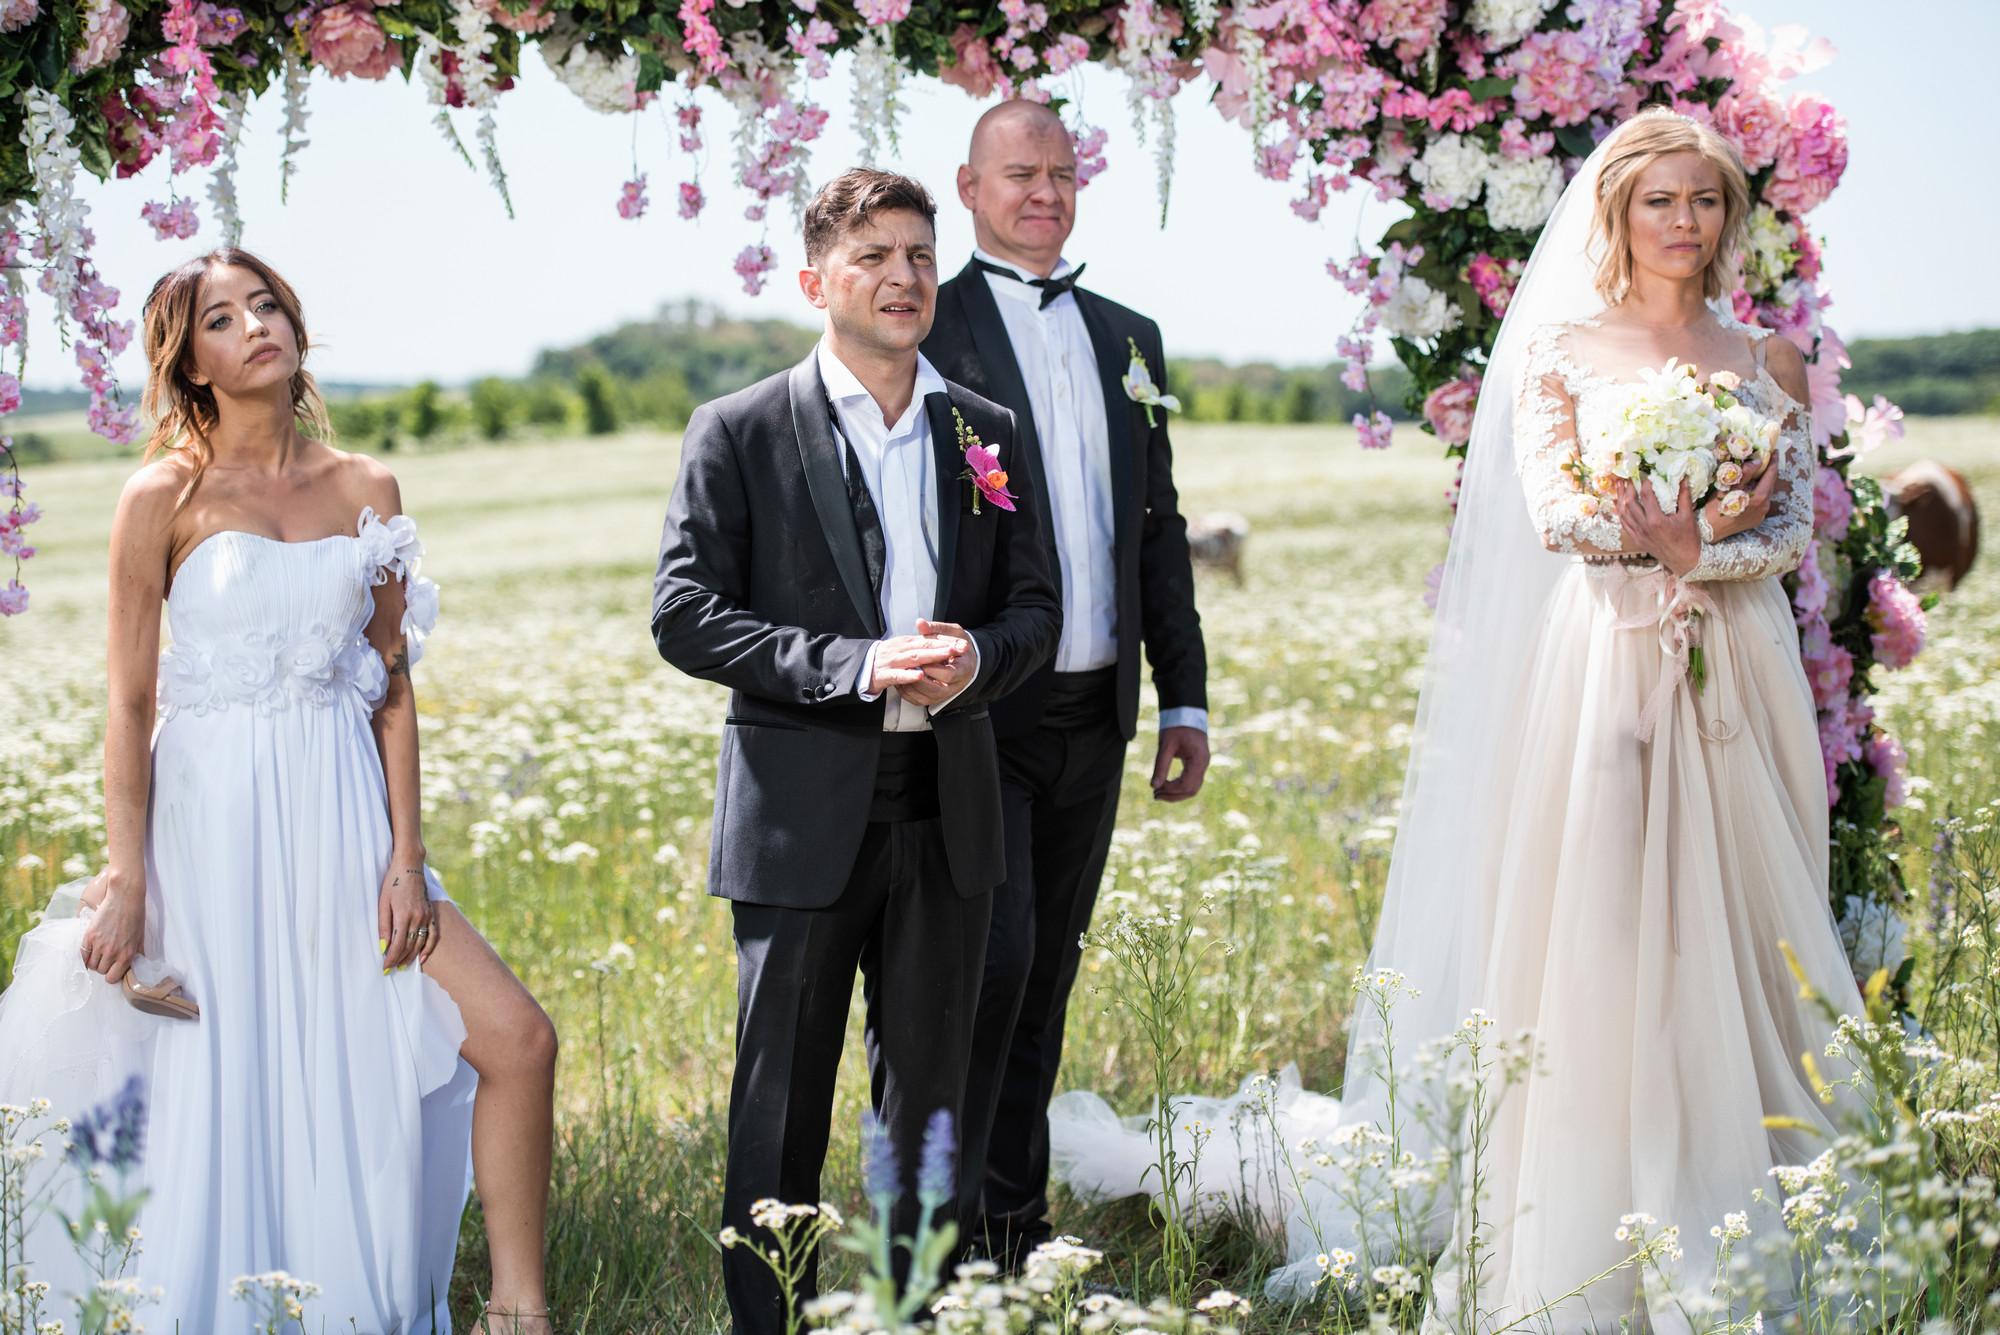 Фільм «Я, Ти, Він, Вона» зібрав понад 23 млн грн за перший тиждень прокату - Держкіно